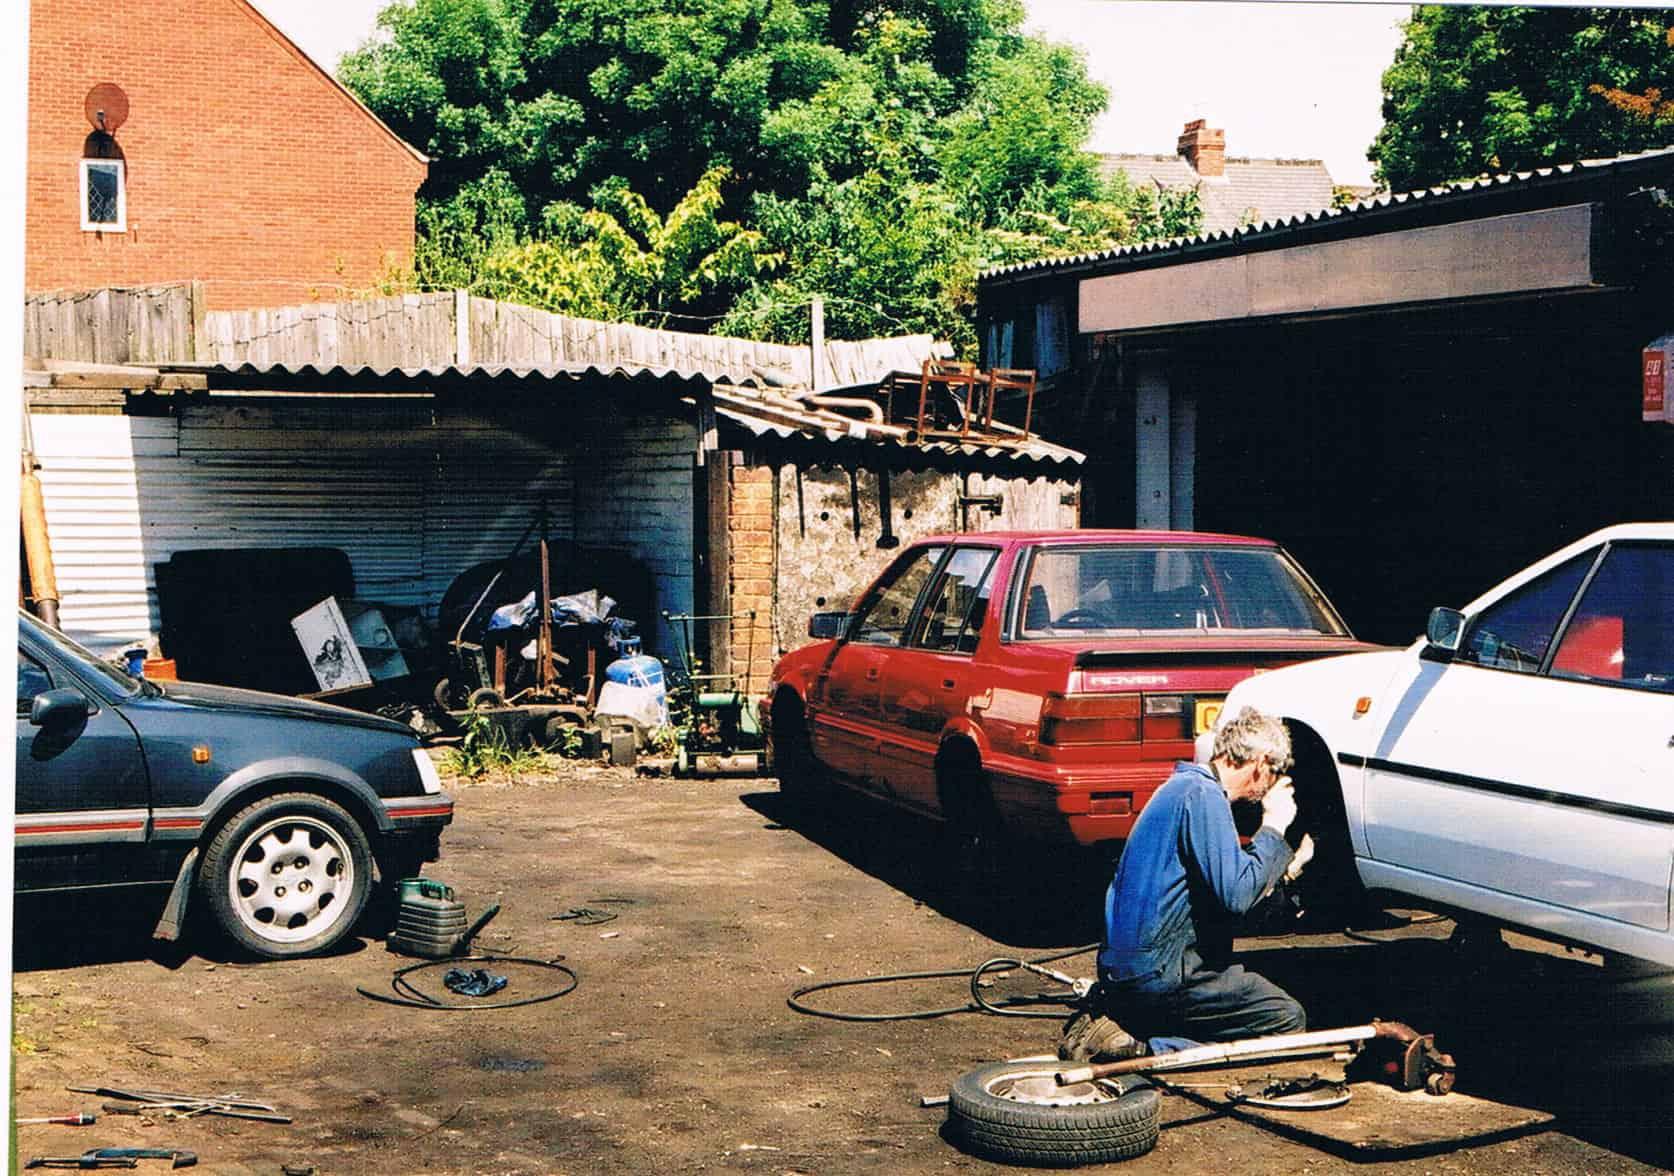 5. Car repairs Bilston 2002